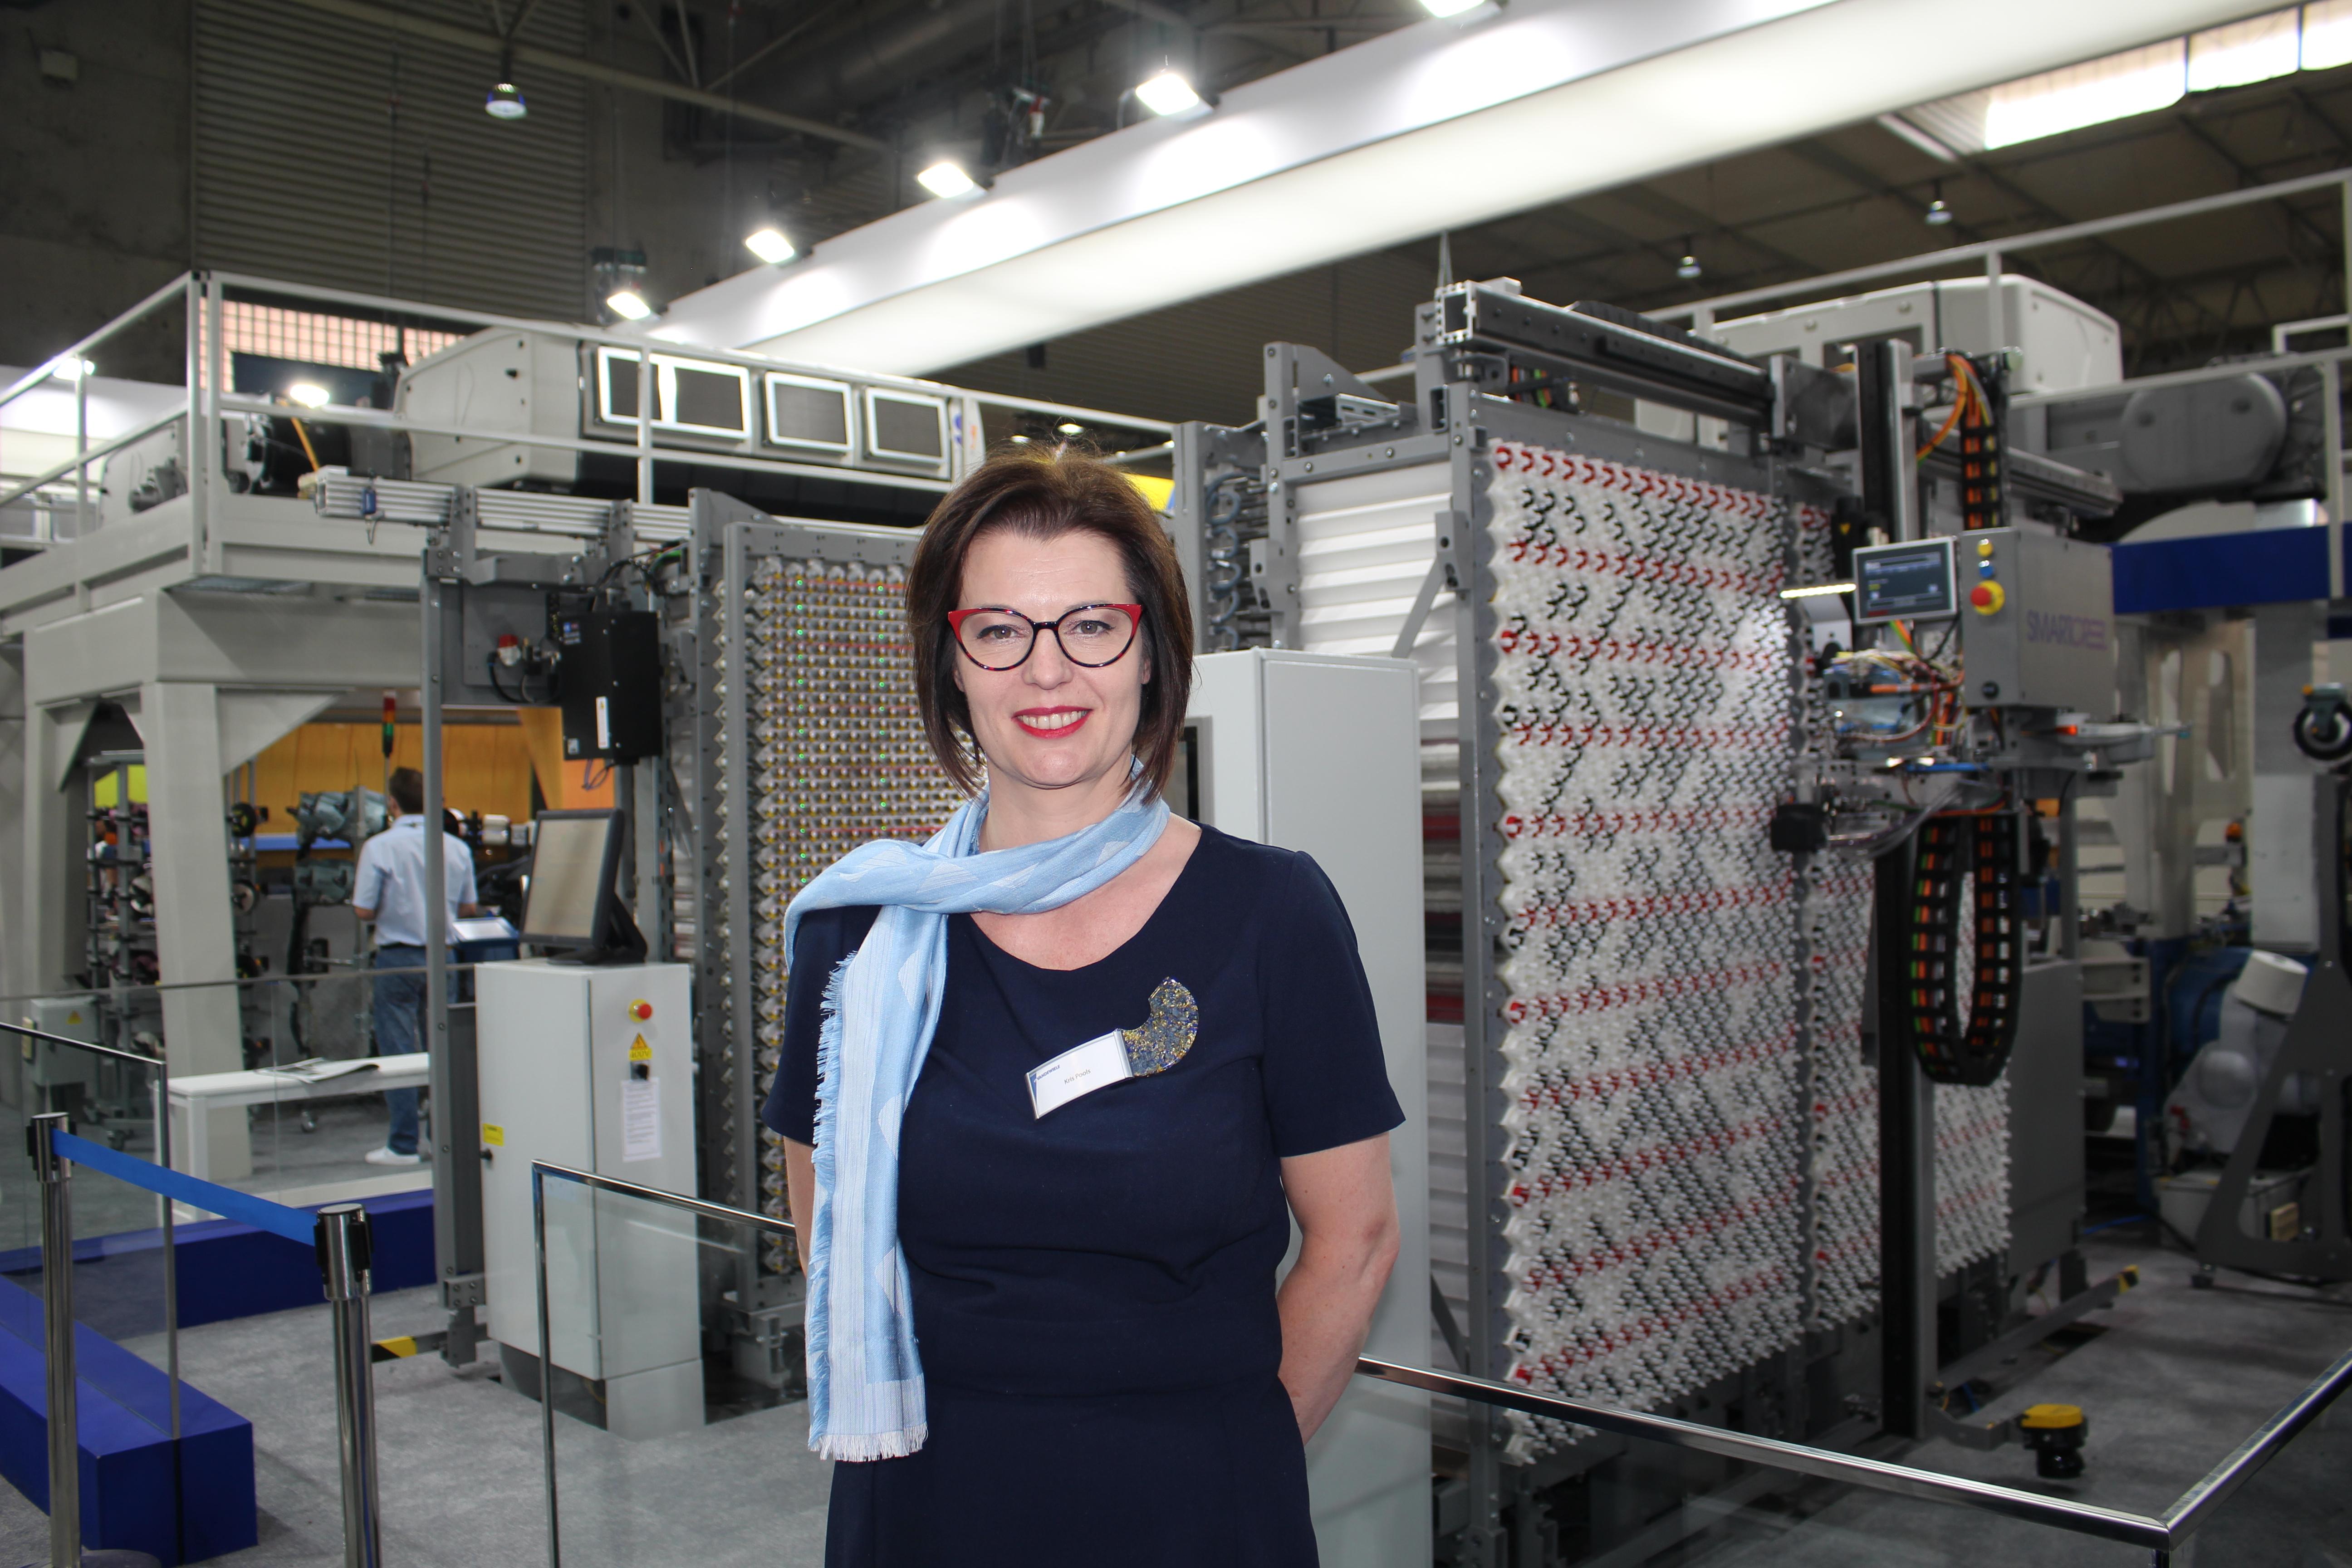 Vandewiele, Akıllı ve Dijital Fabrikaların Kurulmasına Öncülük Ediyor